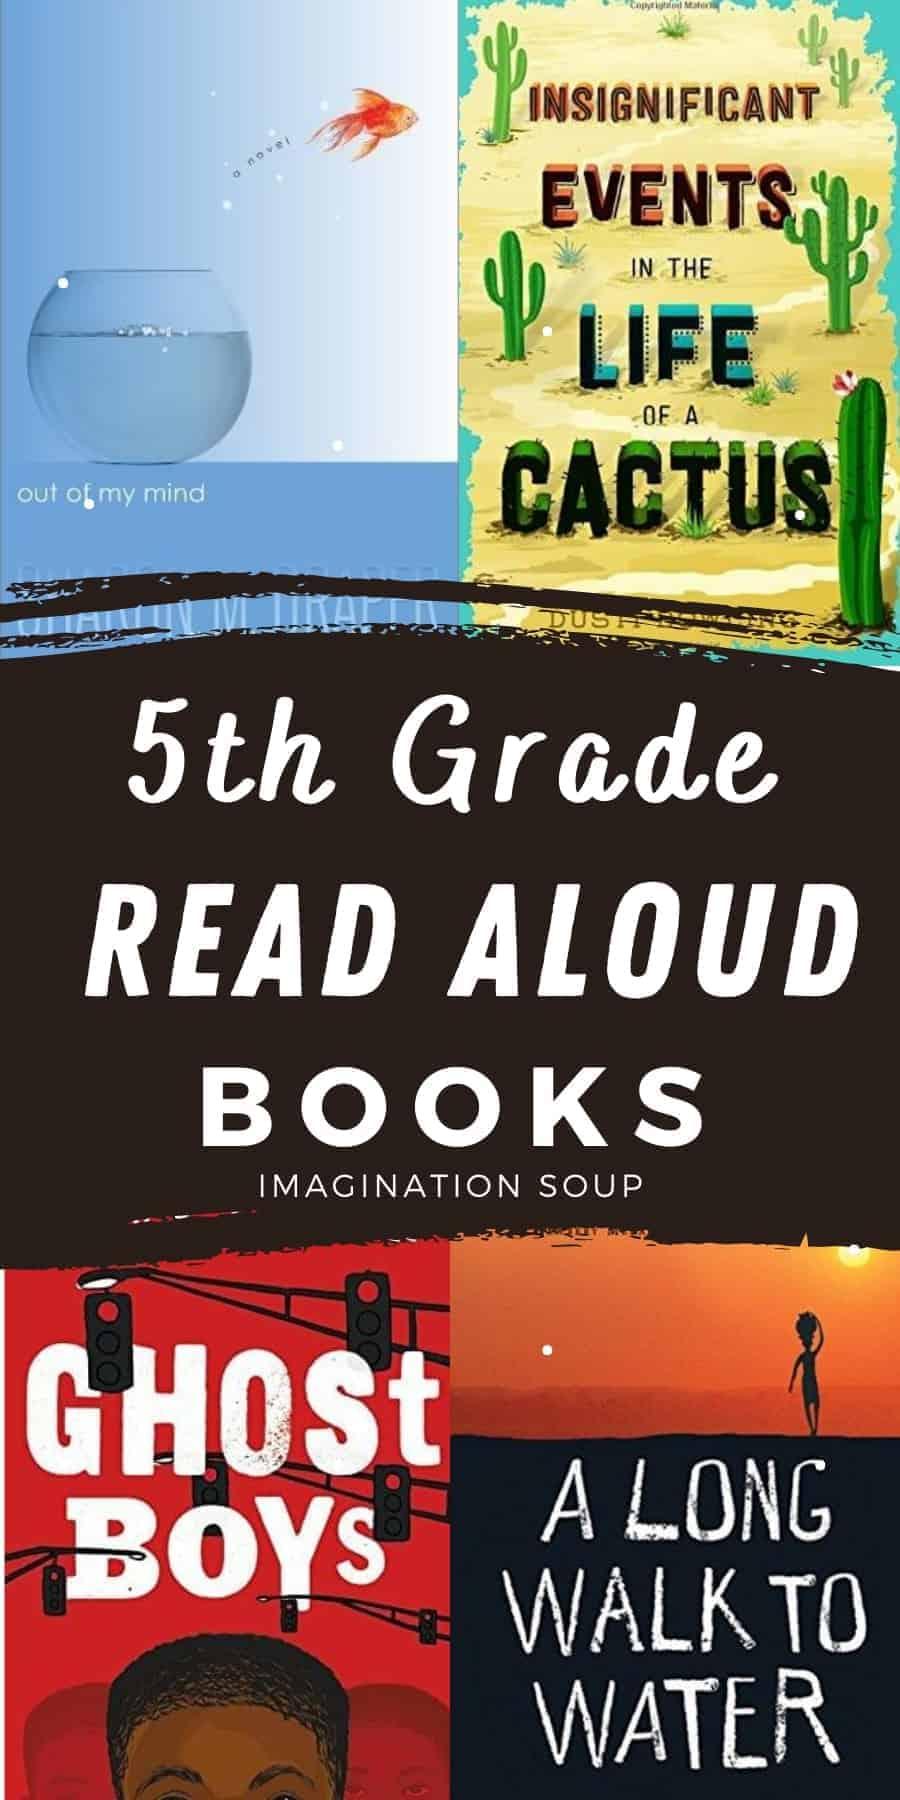 5th grade read aloud books